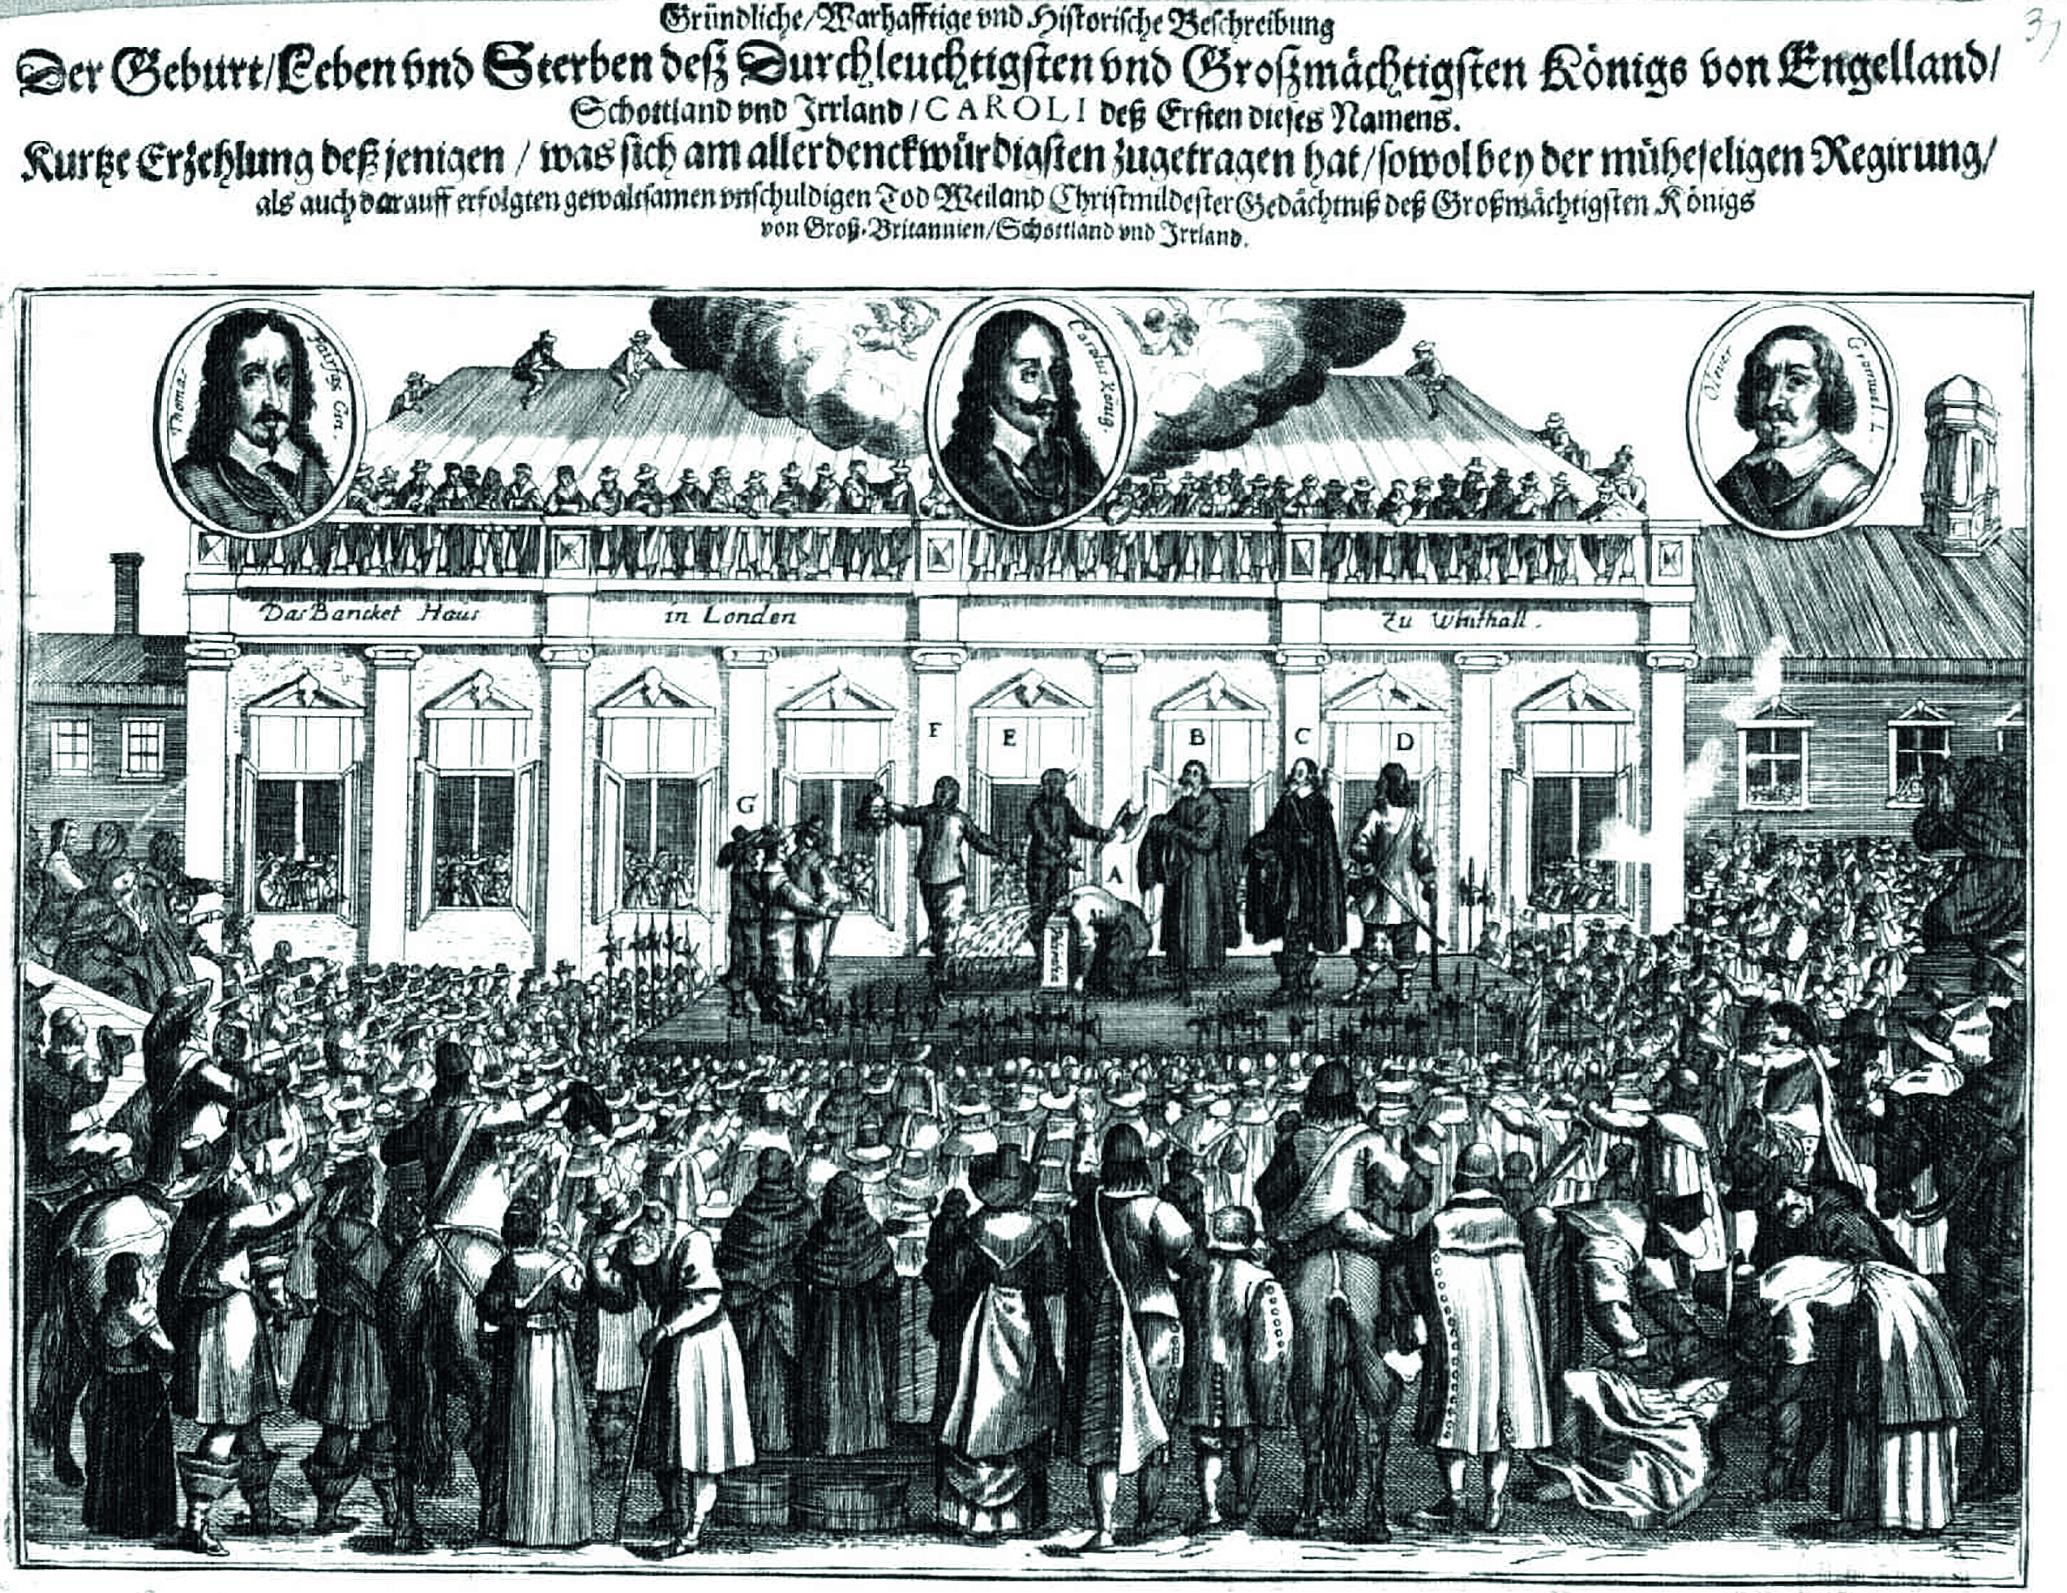 Abb. 1: Zeitgenössisches Flugblatt zur Hinrichtung Karls I. (1649, Quelle: Staatsbibliothek zu Berlin – Preußischer Kulturbesitz)